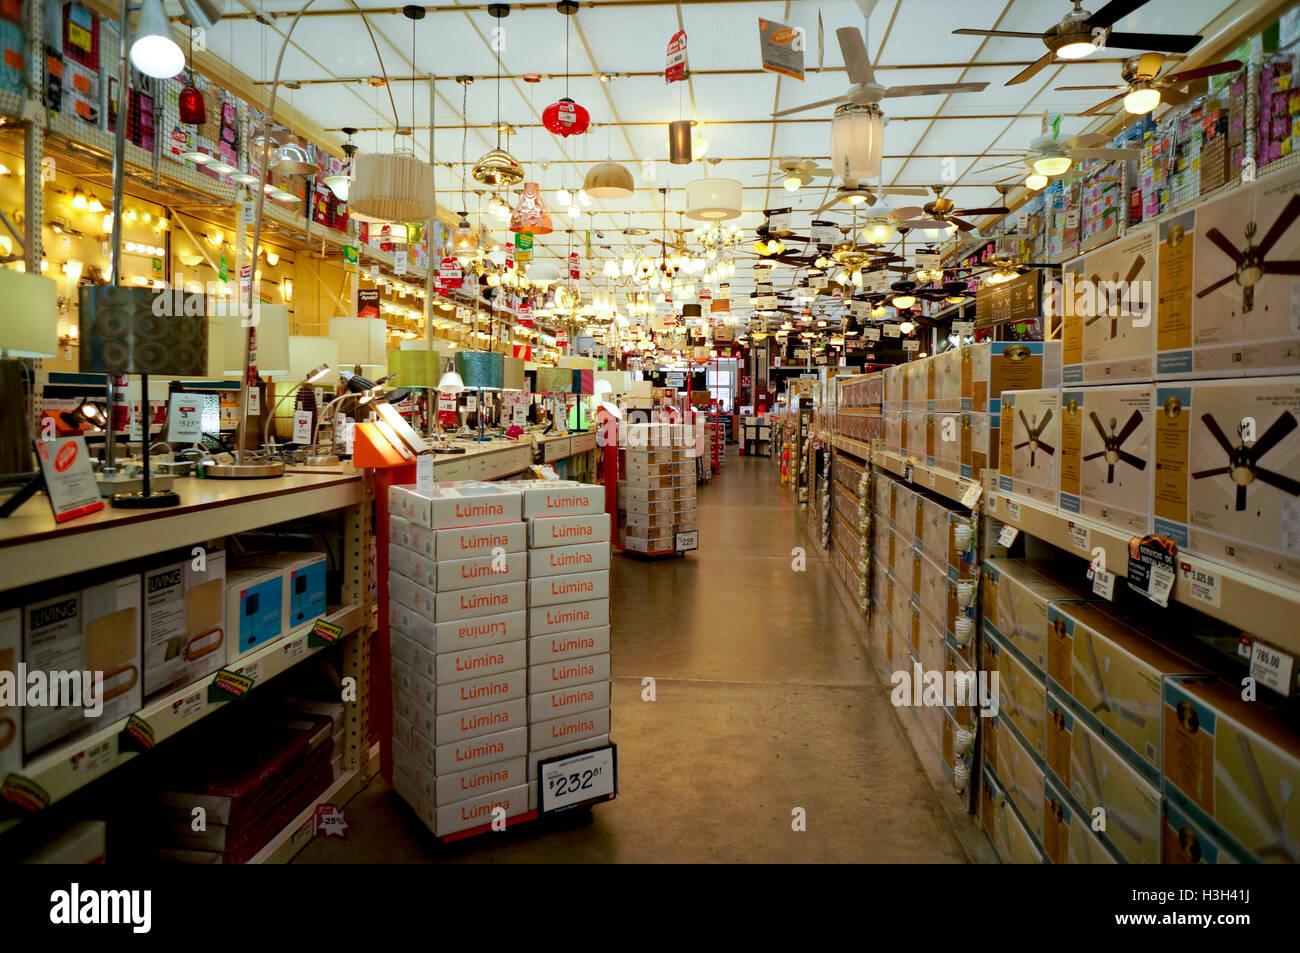 Home Depot Stock Photos & Home Depot Stock Images - Alamy